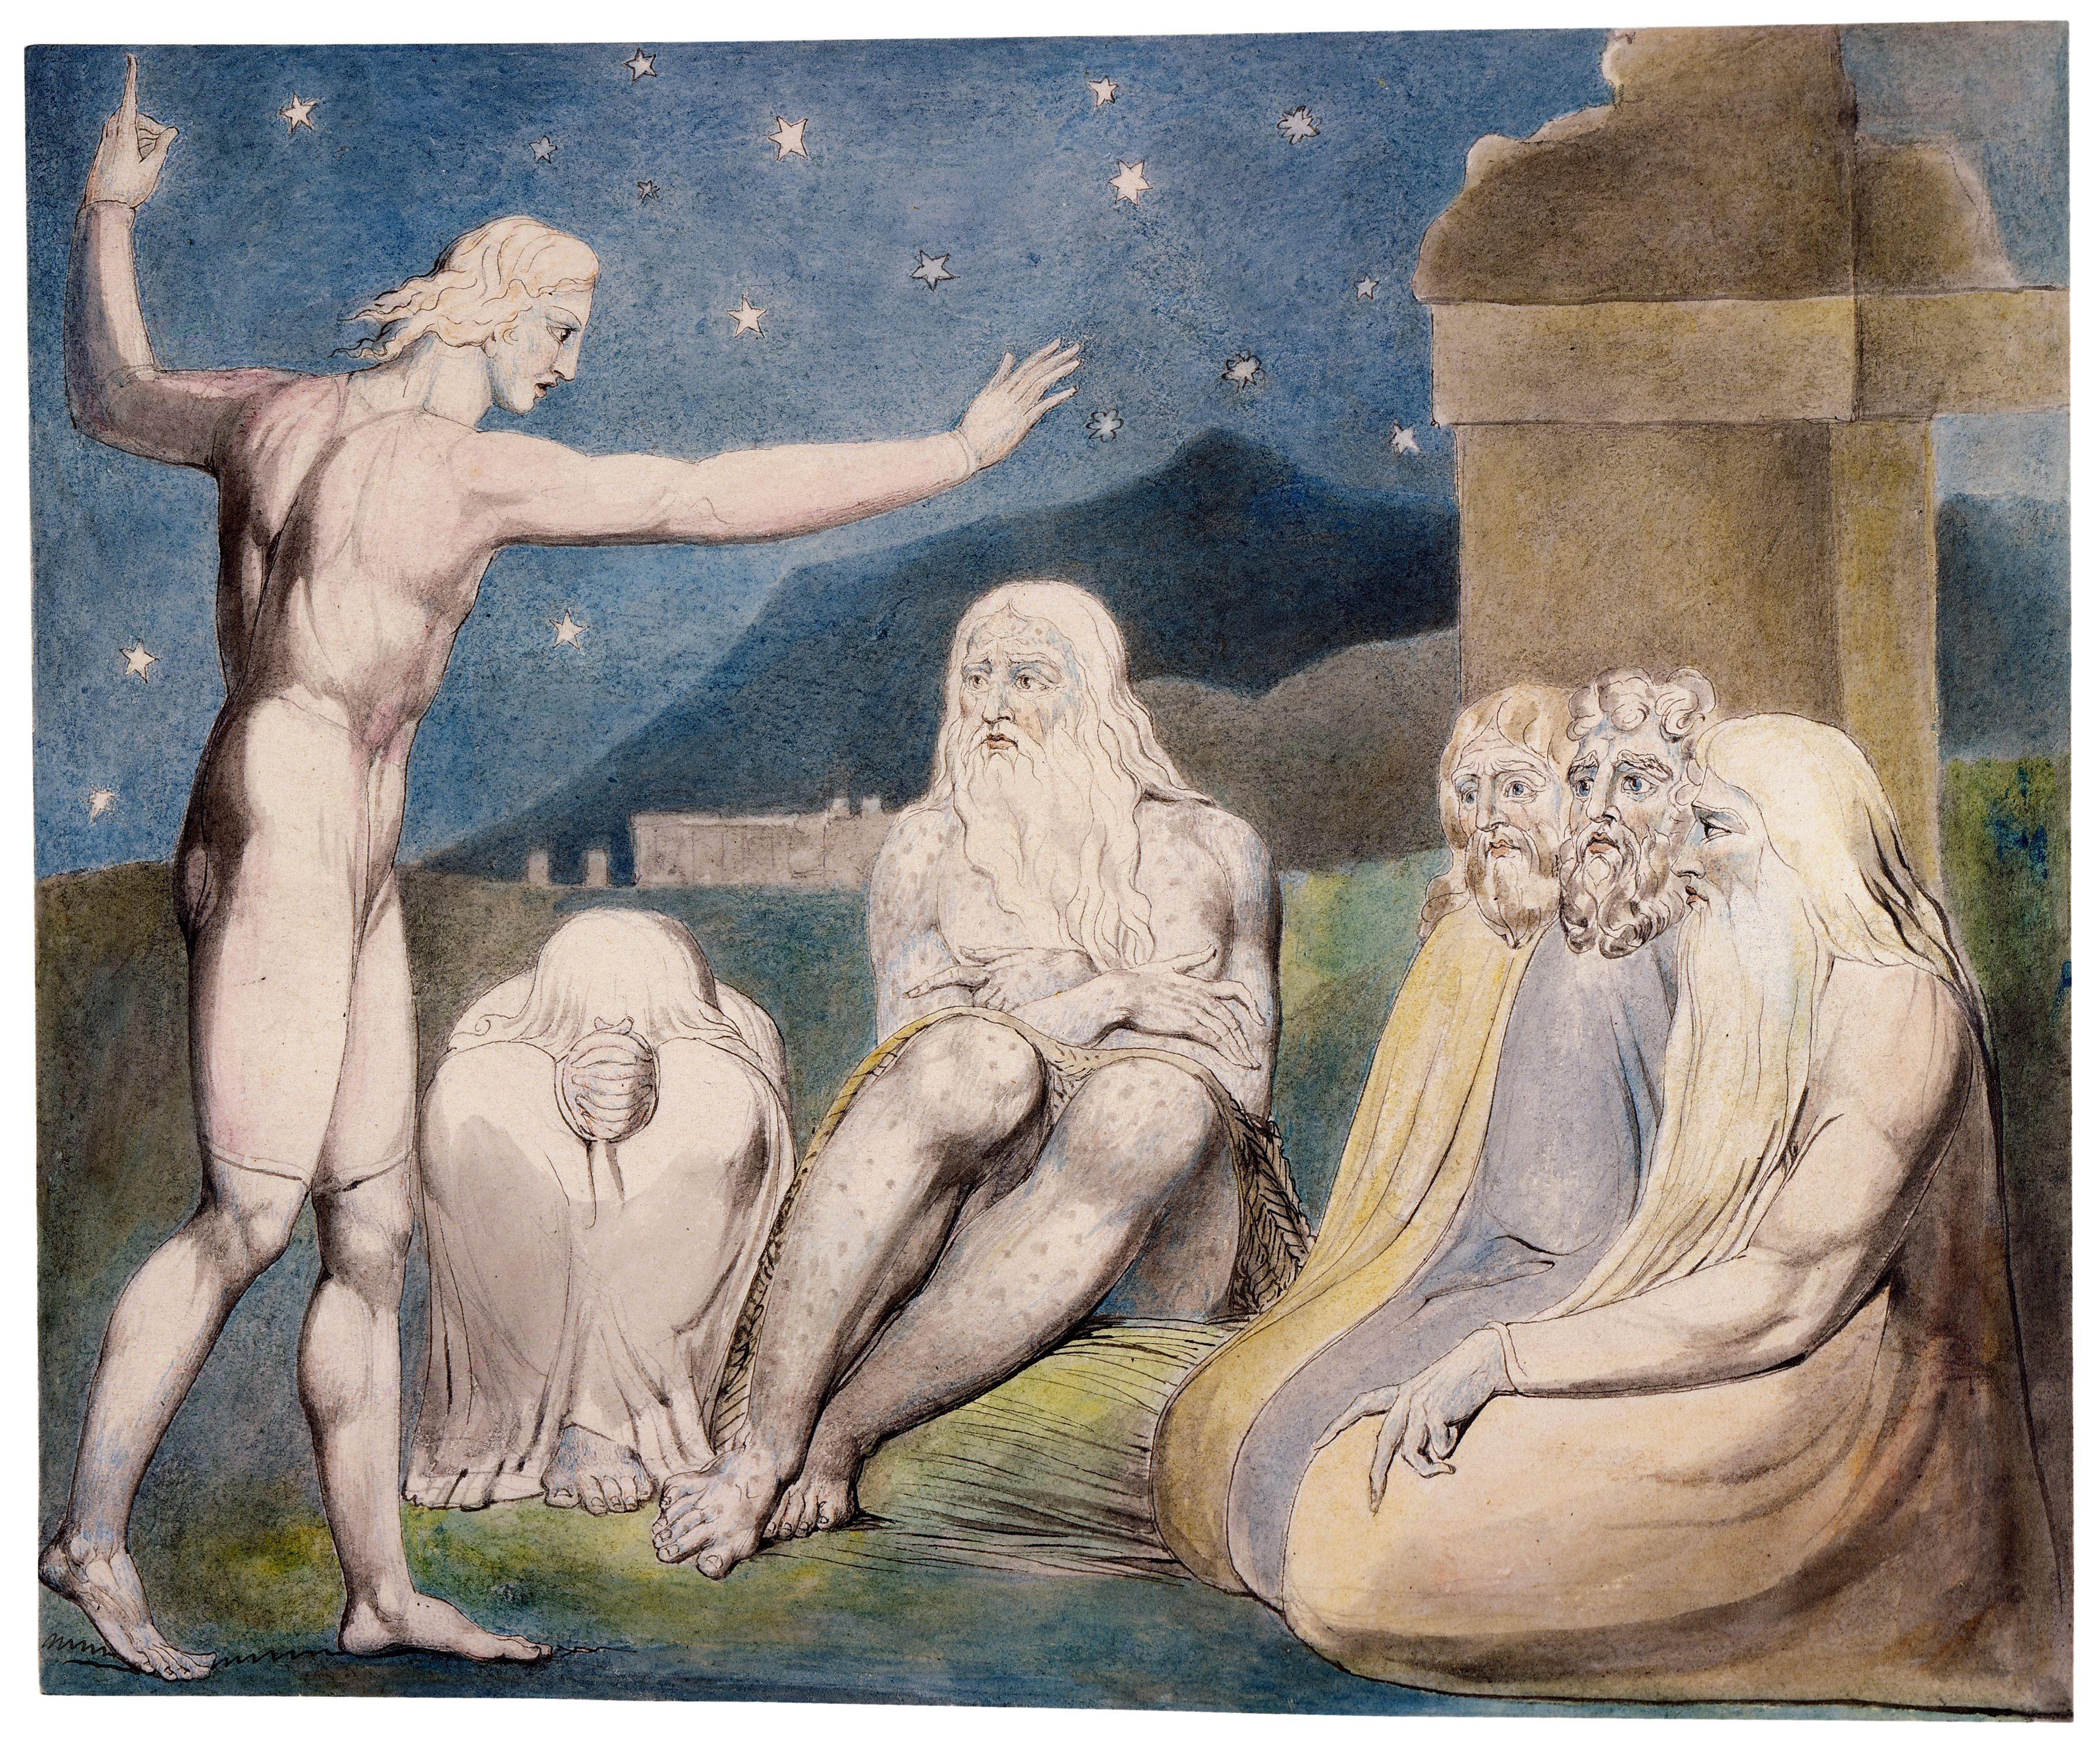 上图:英国诗人、画家威廉·布莱克(William Blake,1757-1827年)的版画《以利户的愤怒 The Wrath of Elihu》,描绘「我年轻,你们老迈;因此我退让」(伯三十二6)。